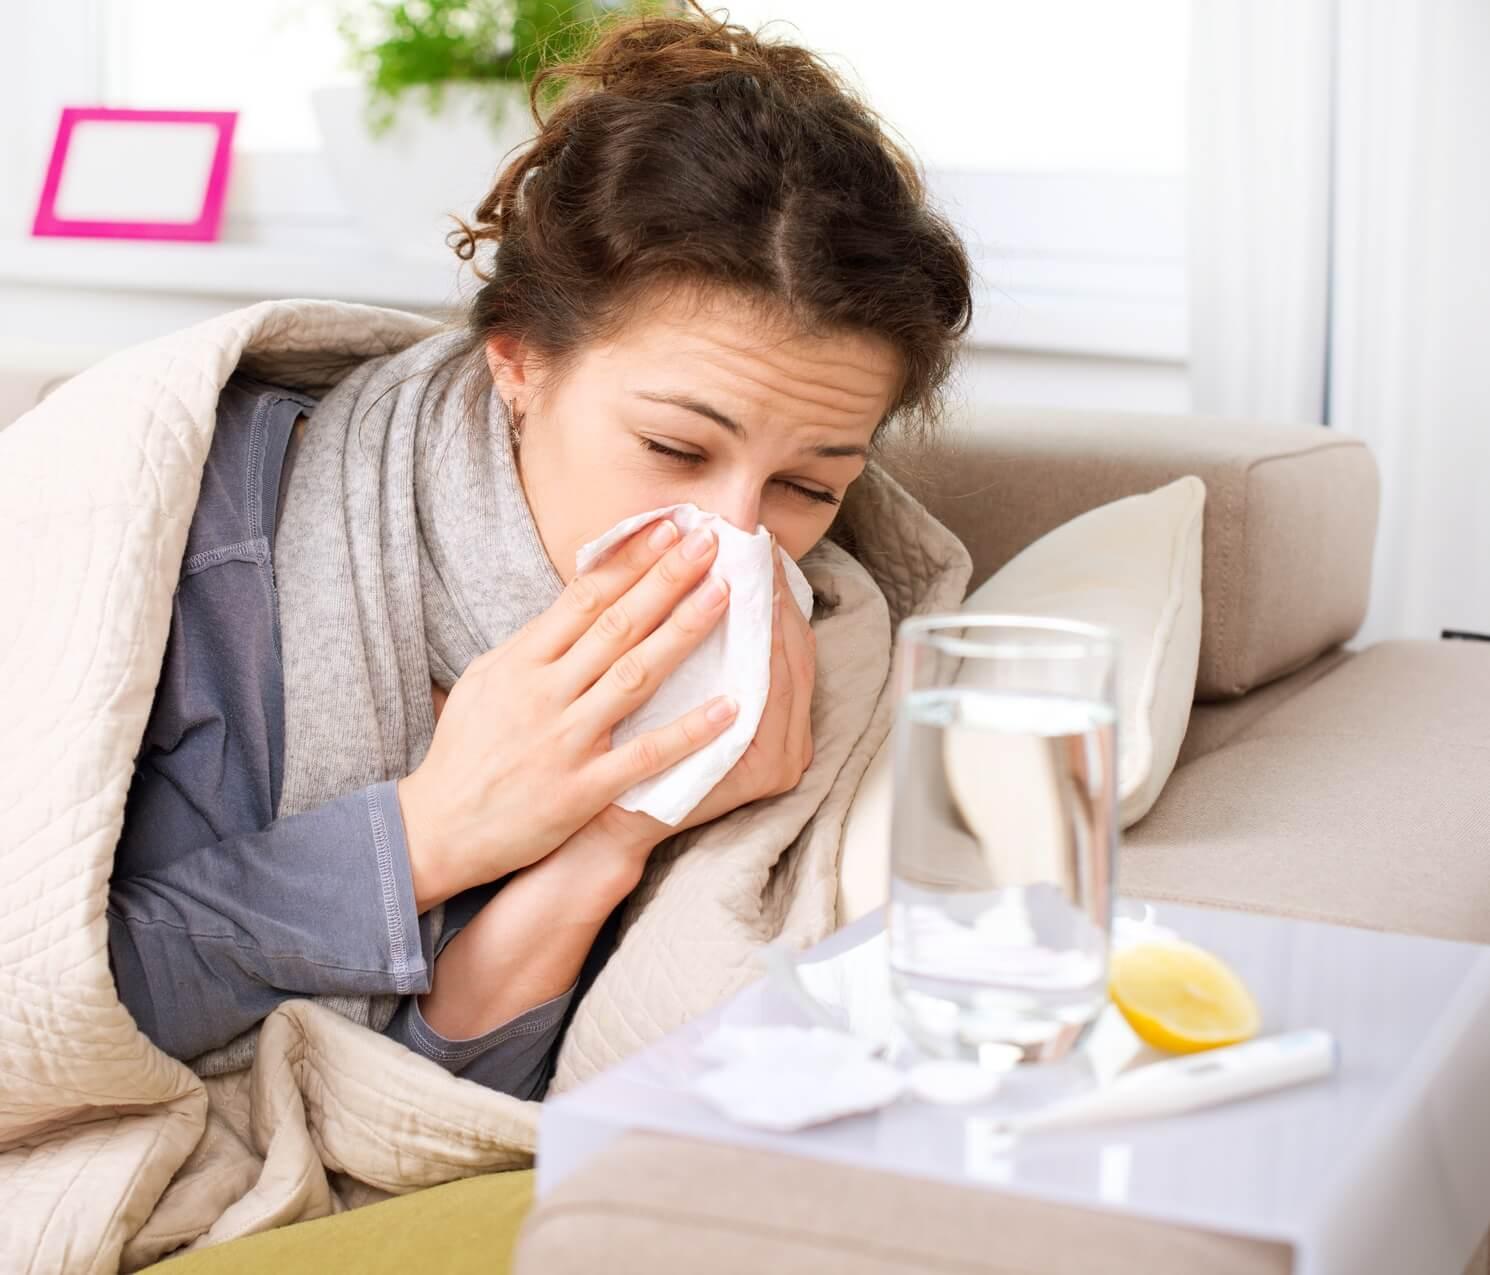 Сколько дней заразен грипп, можно ли инфицироваться после выздоровления больного